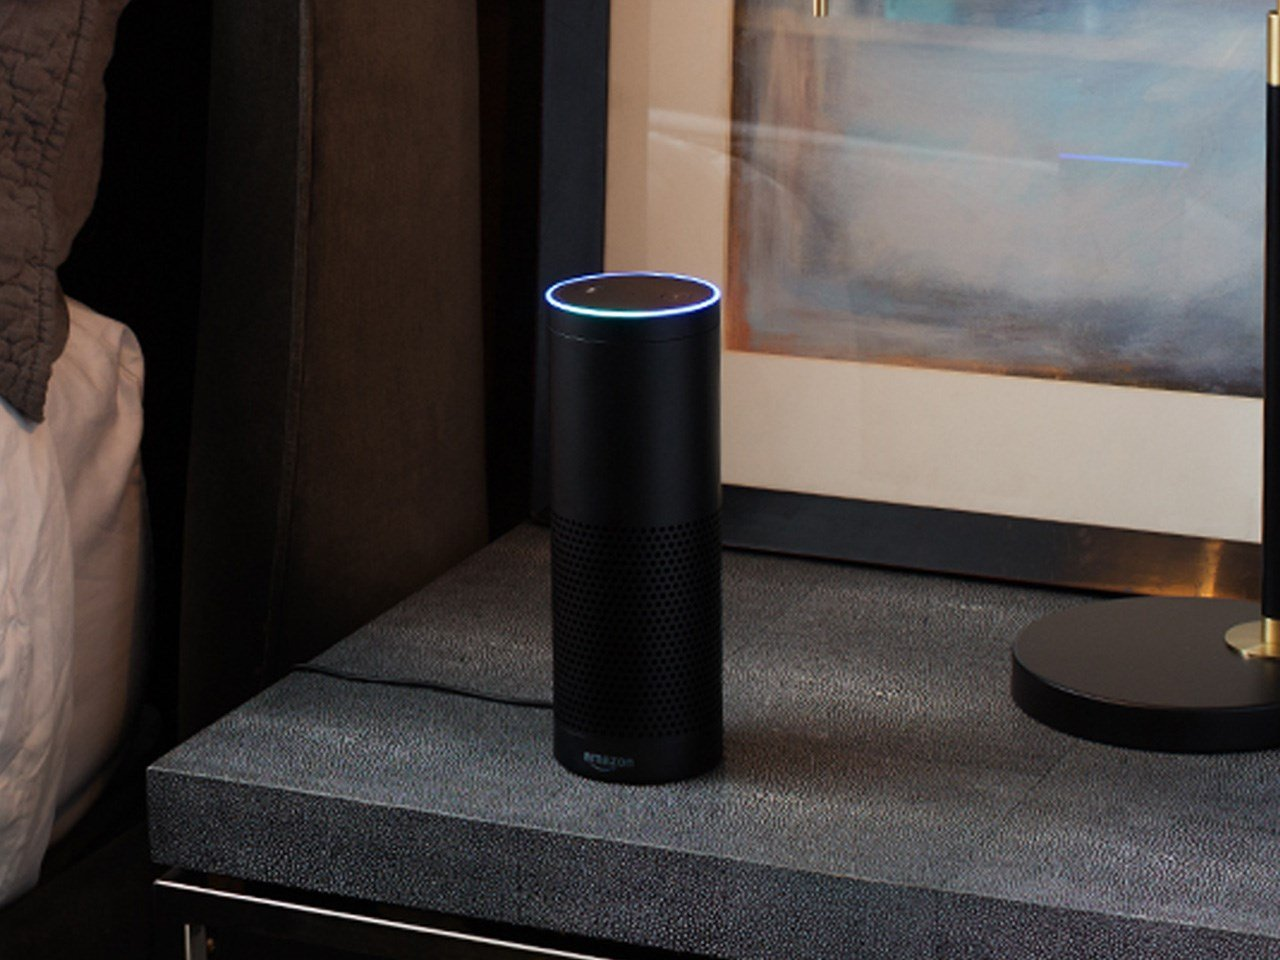 Amazon Echo (Photo: Amazon)